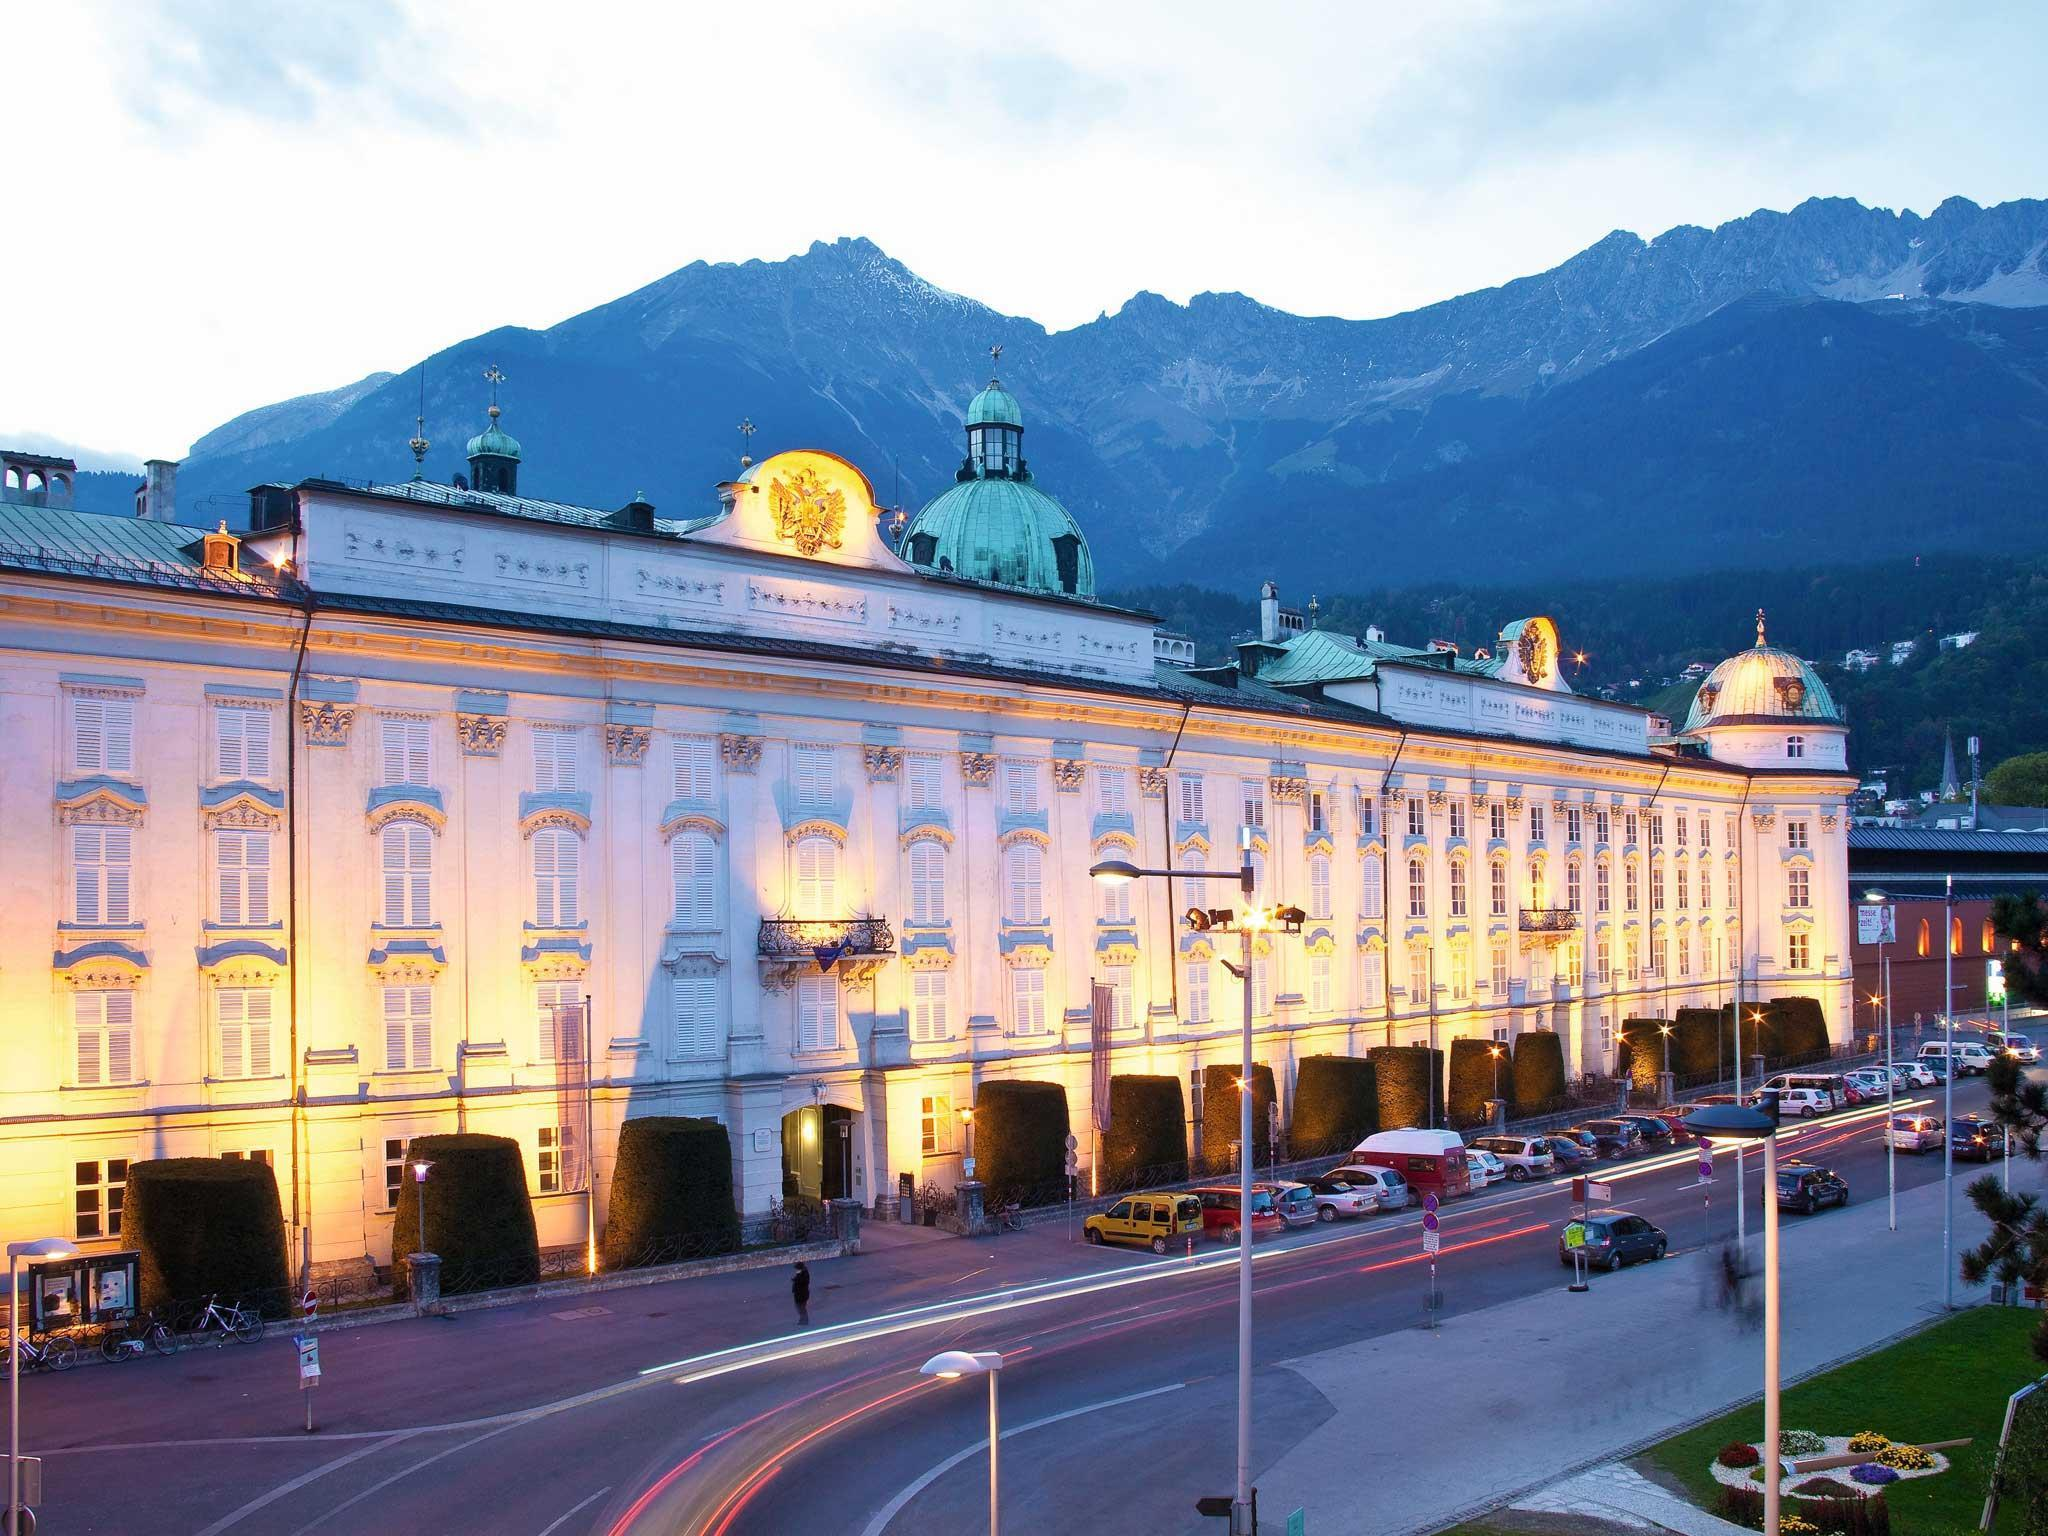 Kaiserliche Hofburg